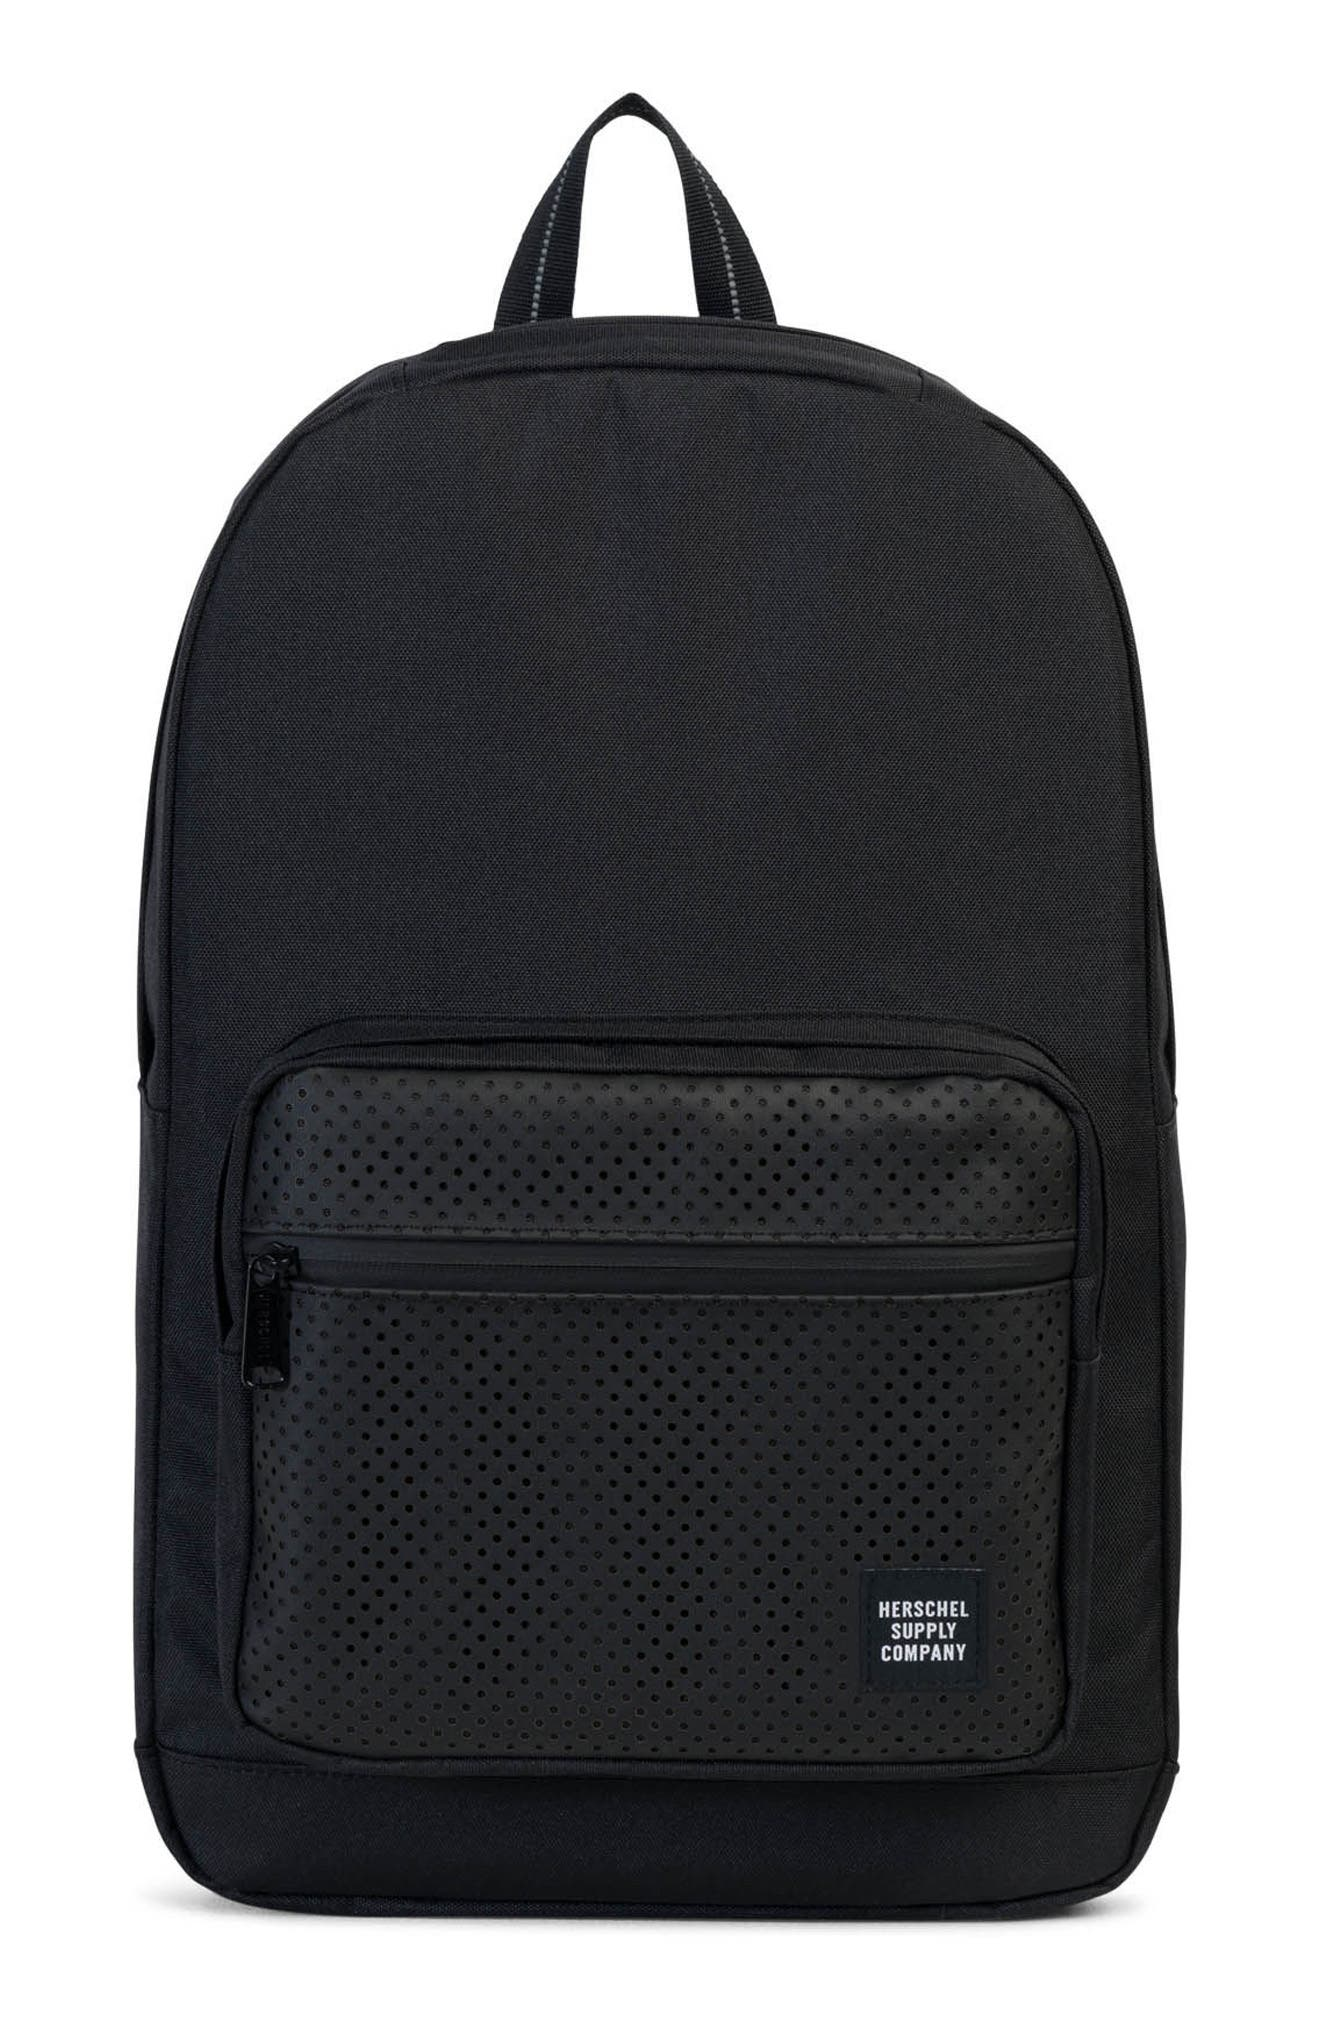 Main Image - Herschel Supply Co. Pop Quiz Aspect Backpack